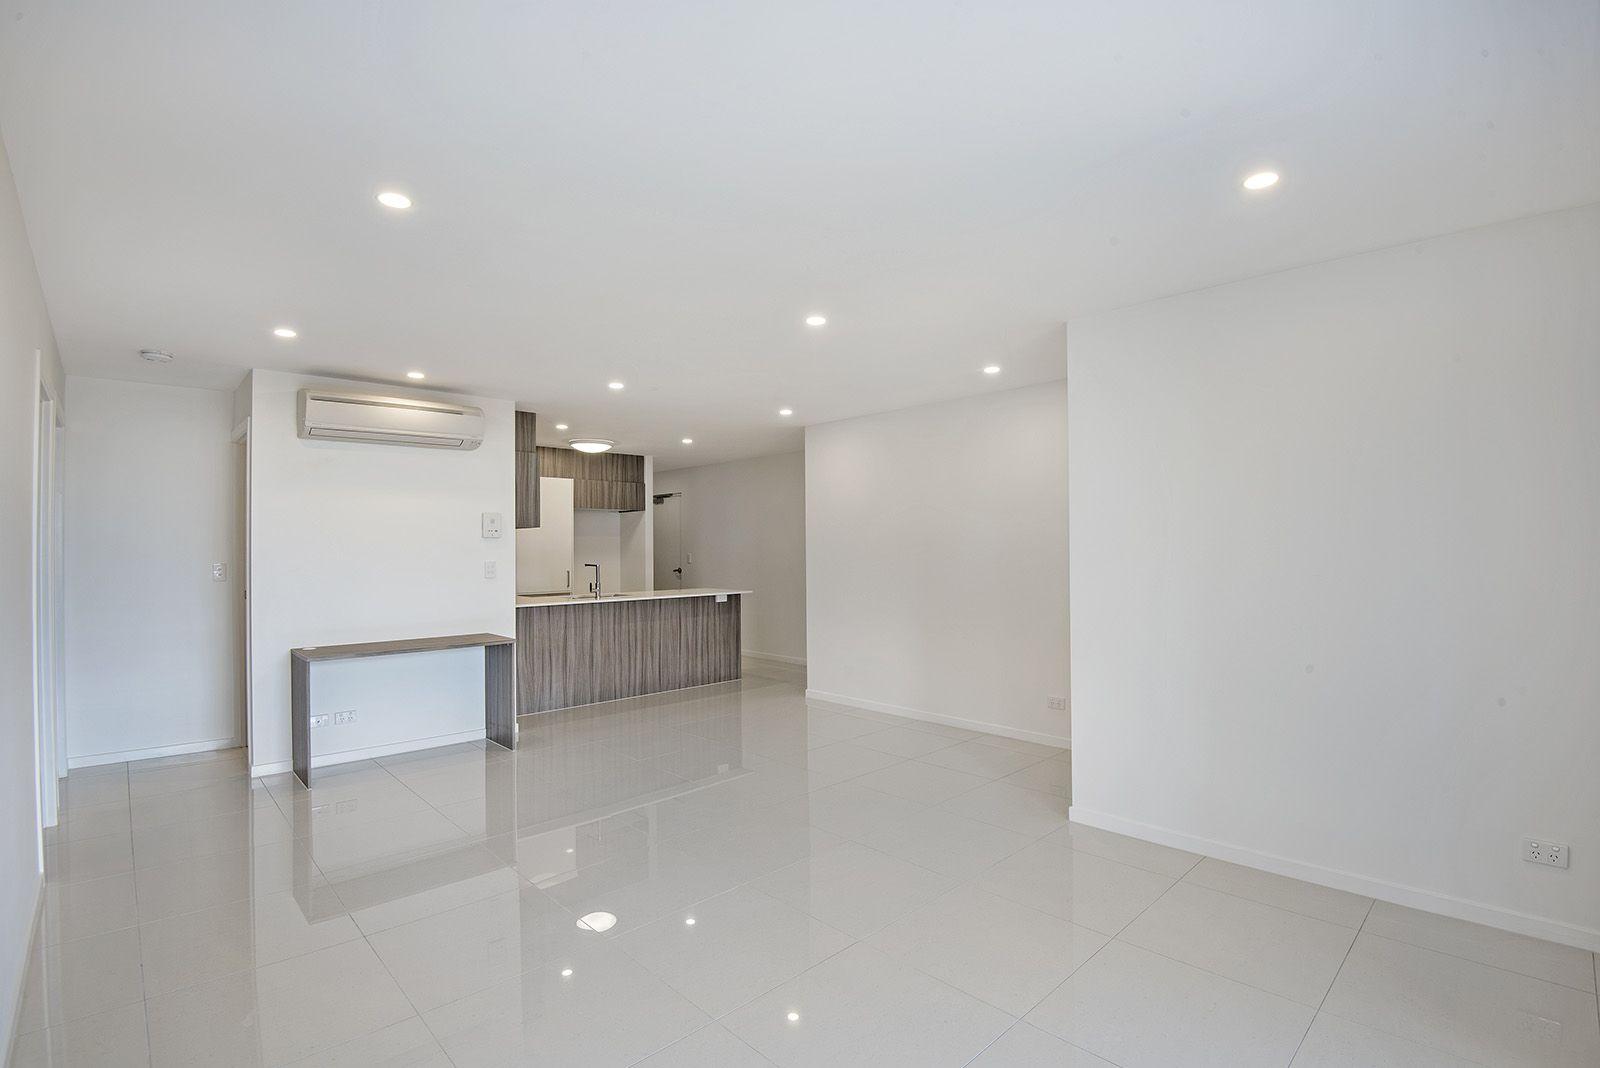 3/55 Kates Street, Morningside QLD 4170, Image 2